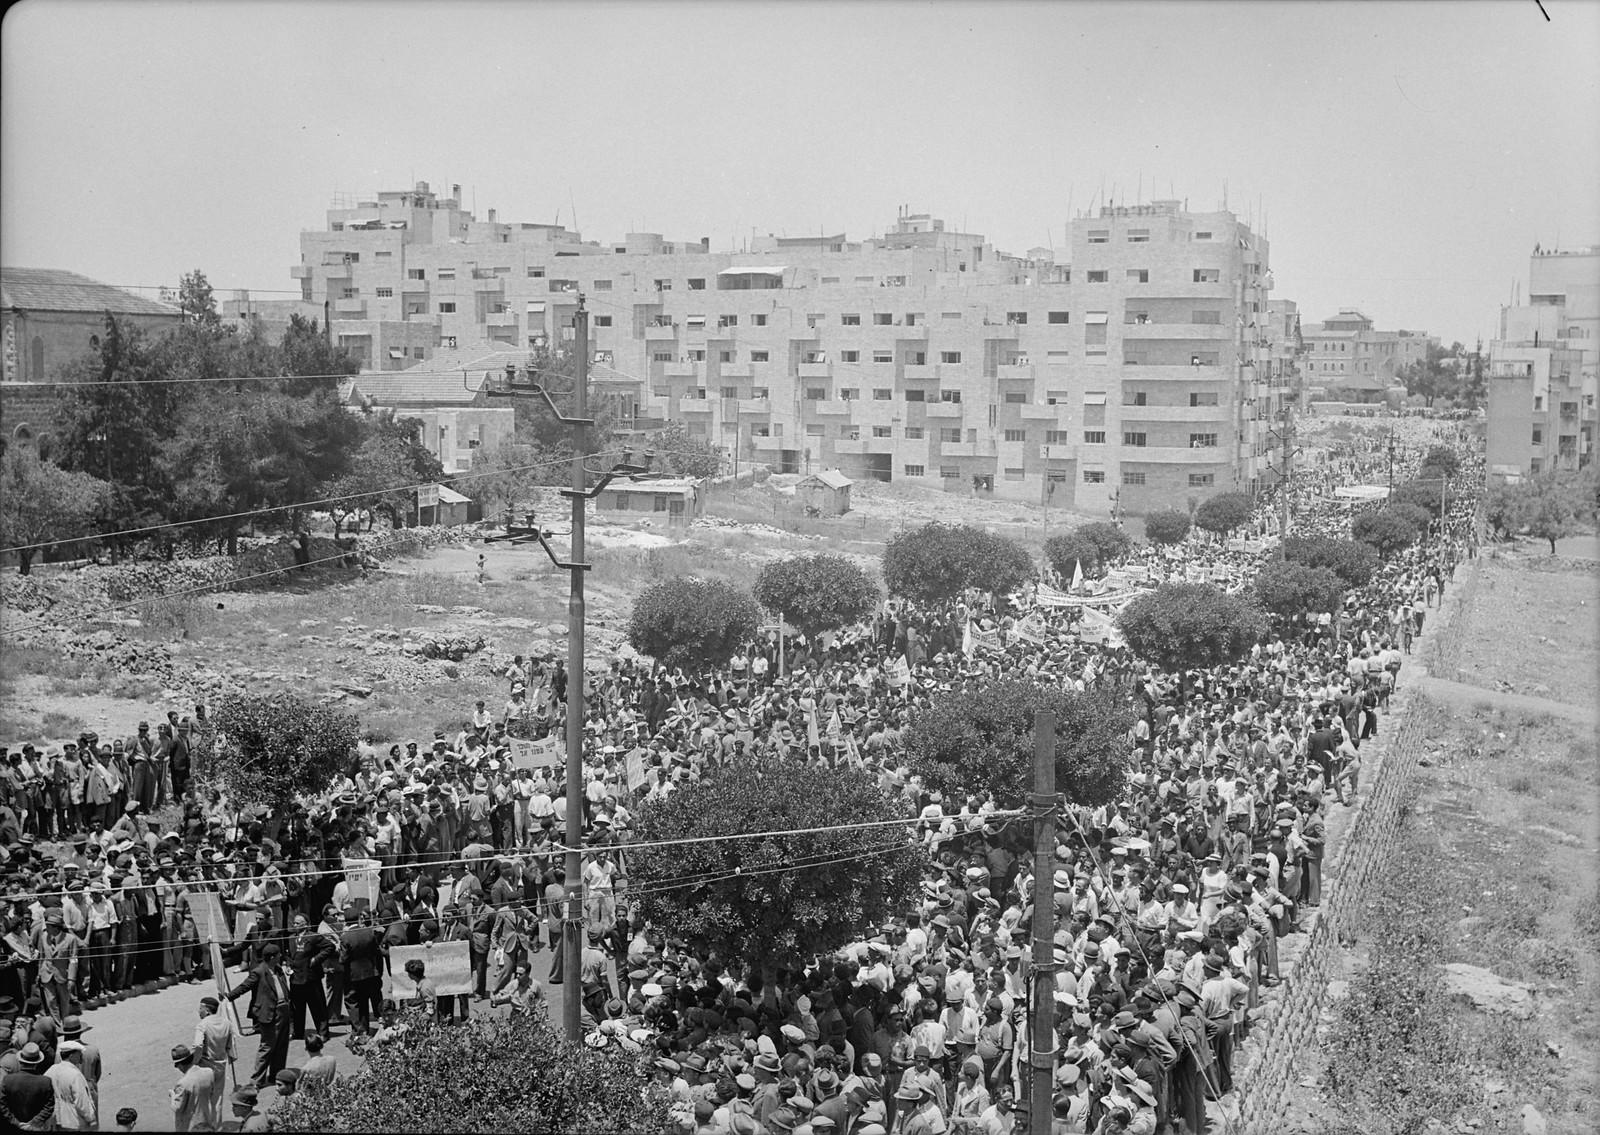 08. Массовая демонстрация на улице Кинг Джордж